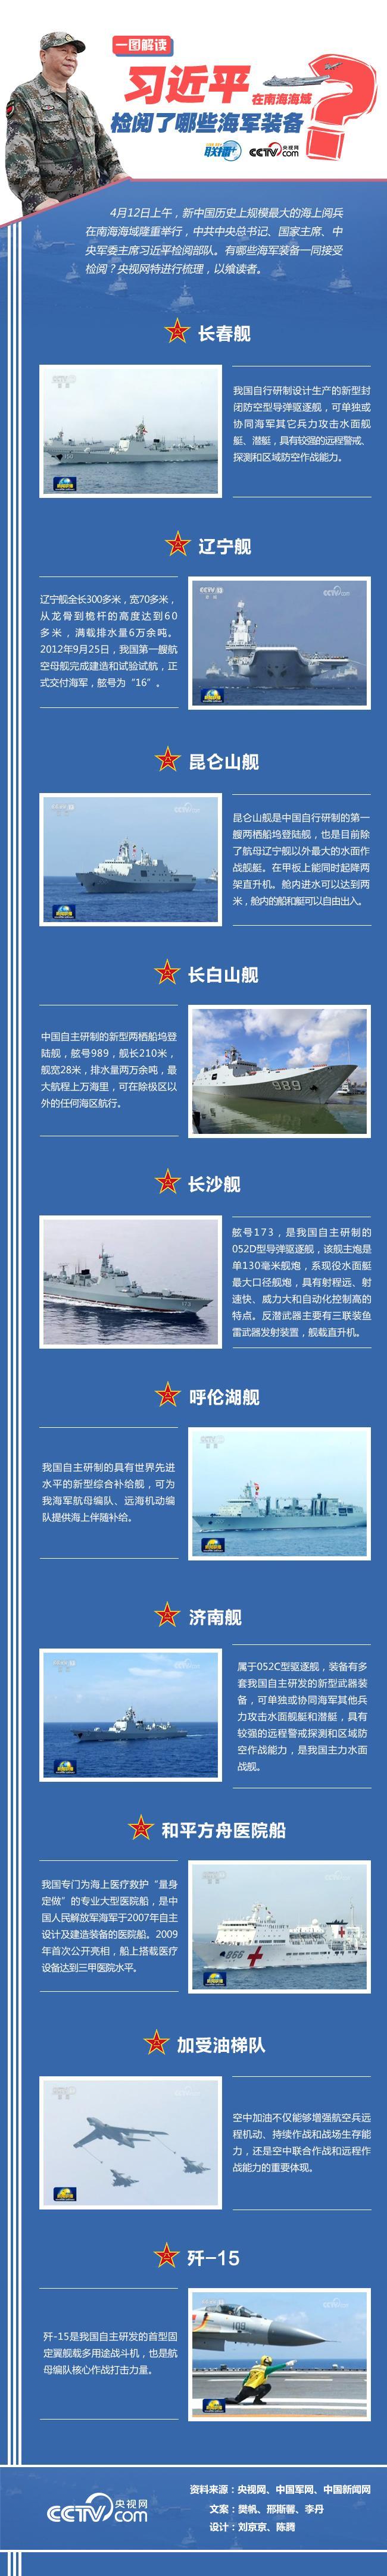 习近平在南海海域检阅了哪些海军装备?